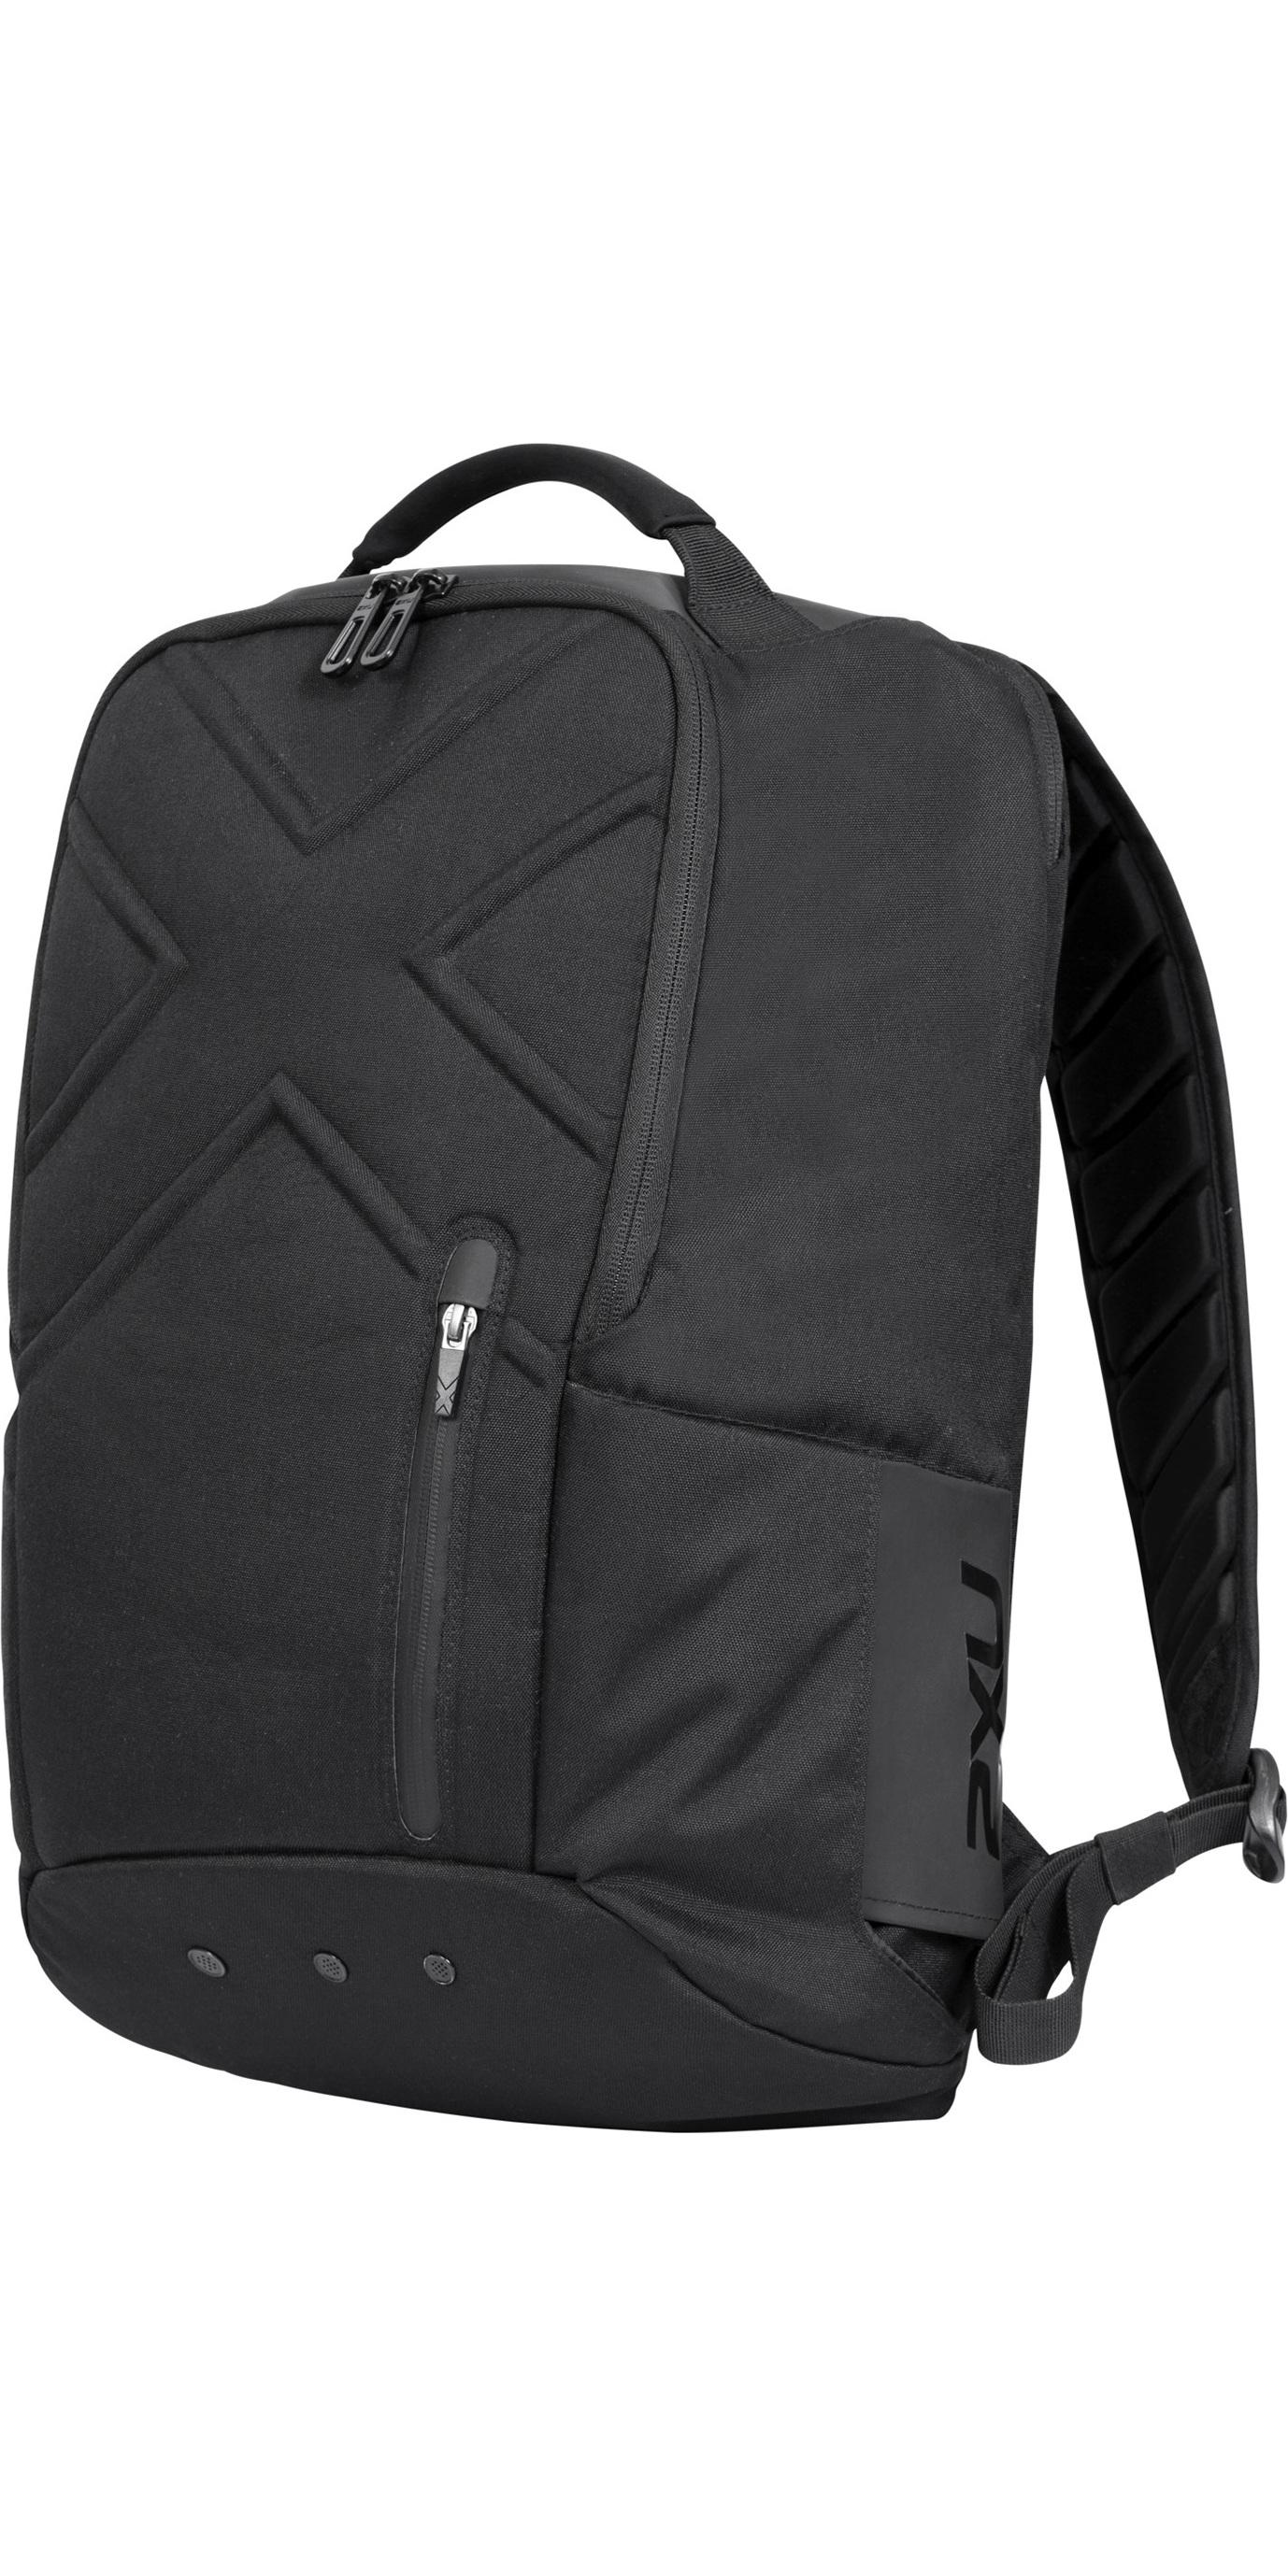 2020 2XU Commuter Backpack Black UQ5465g